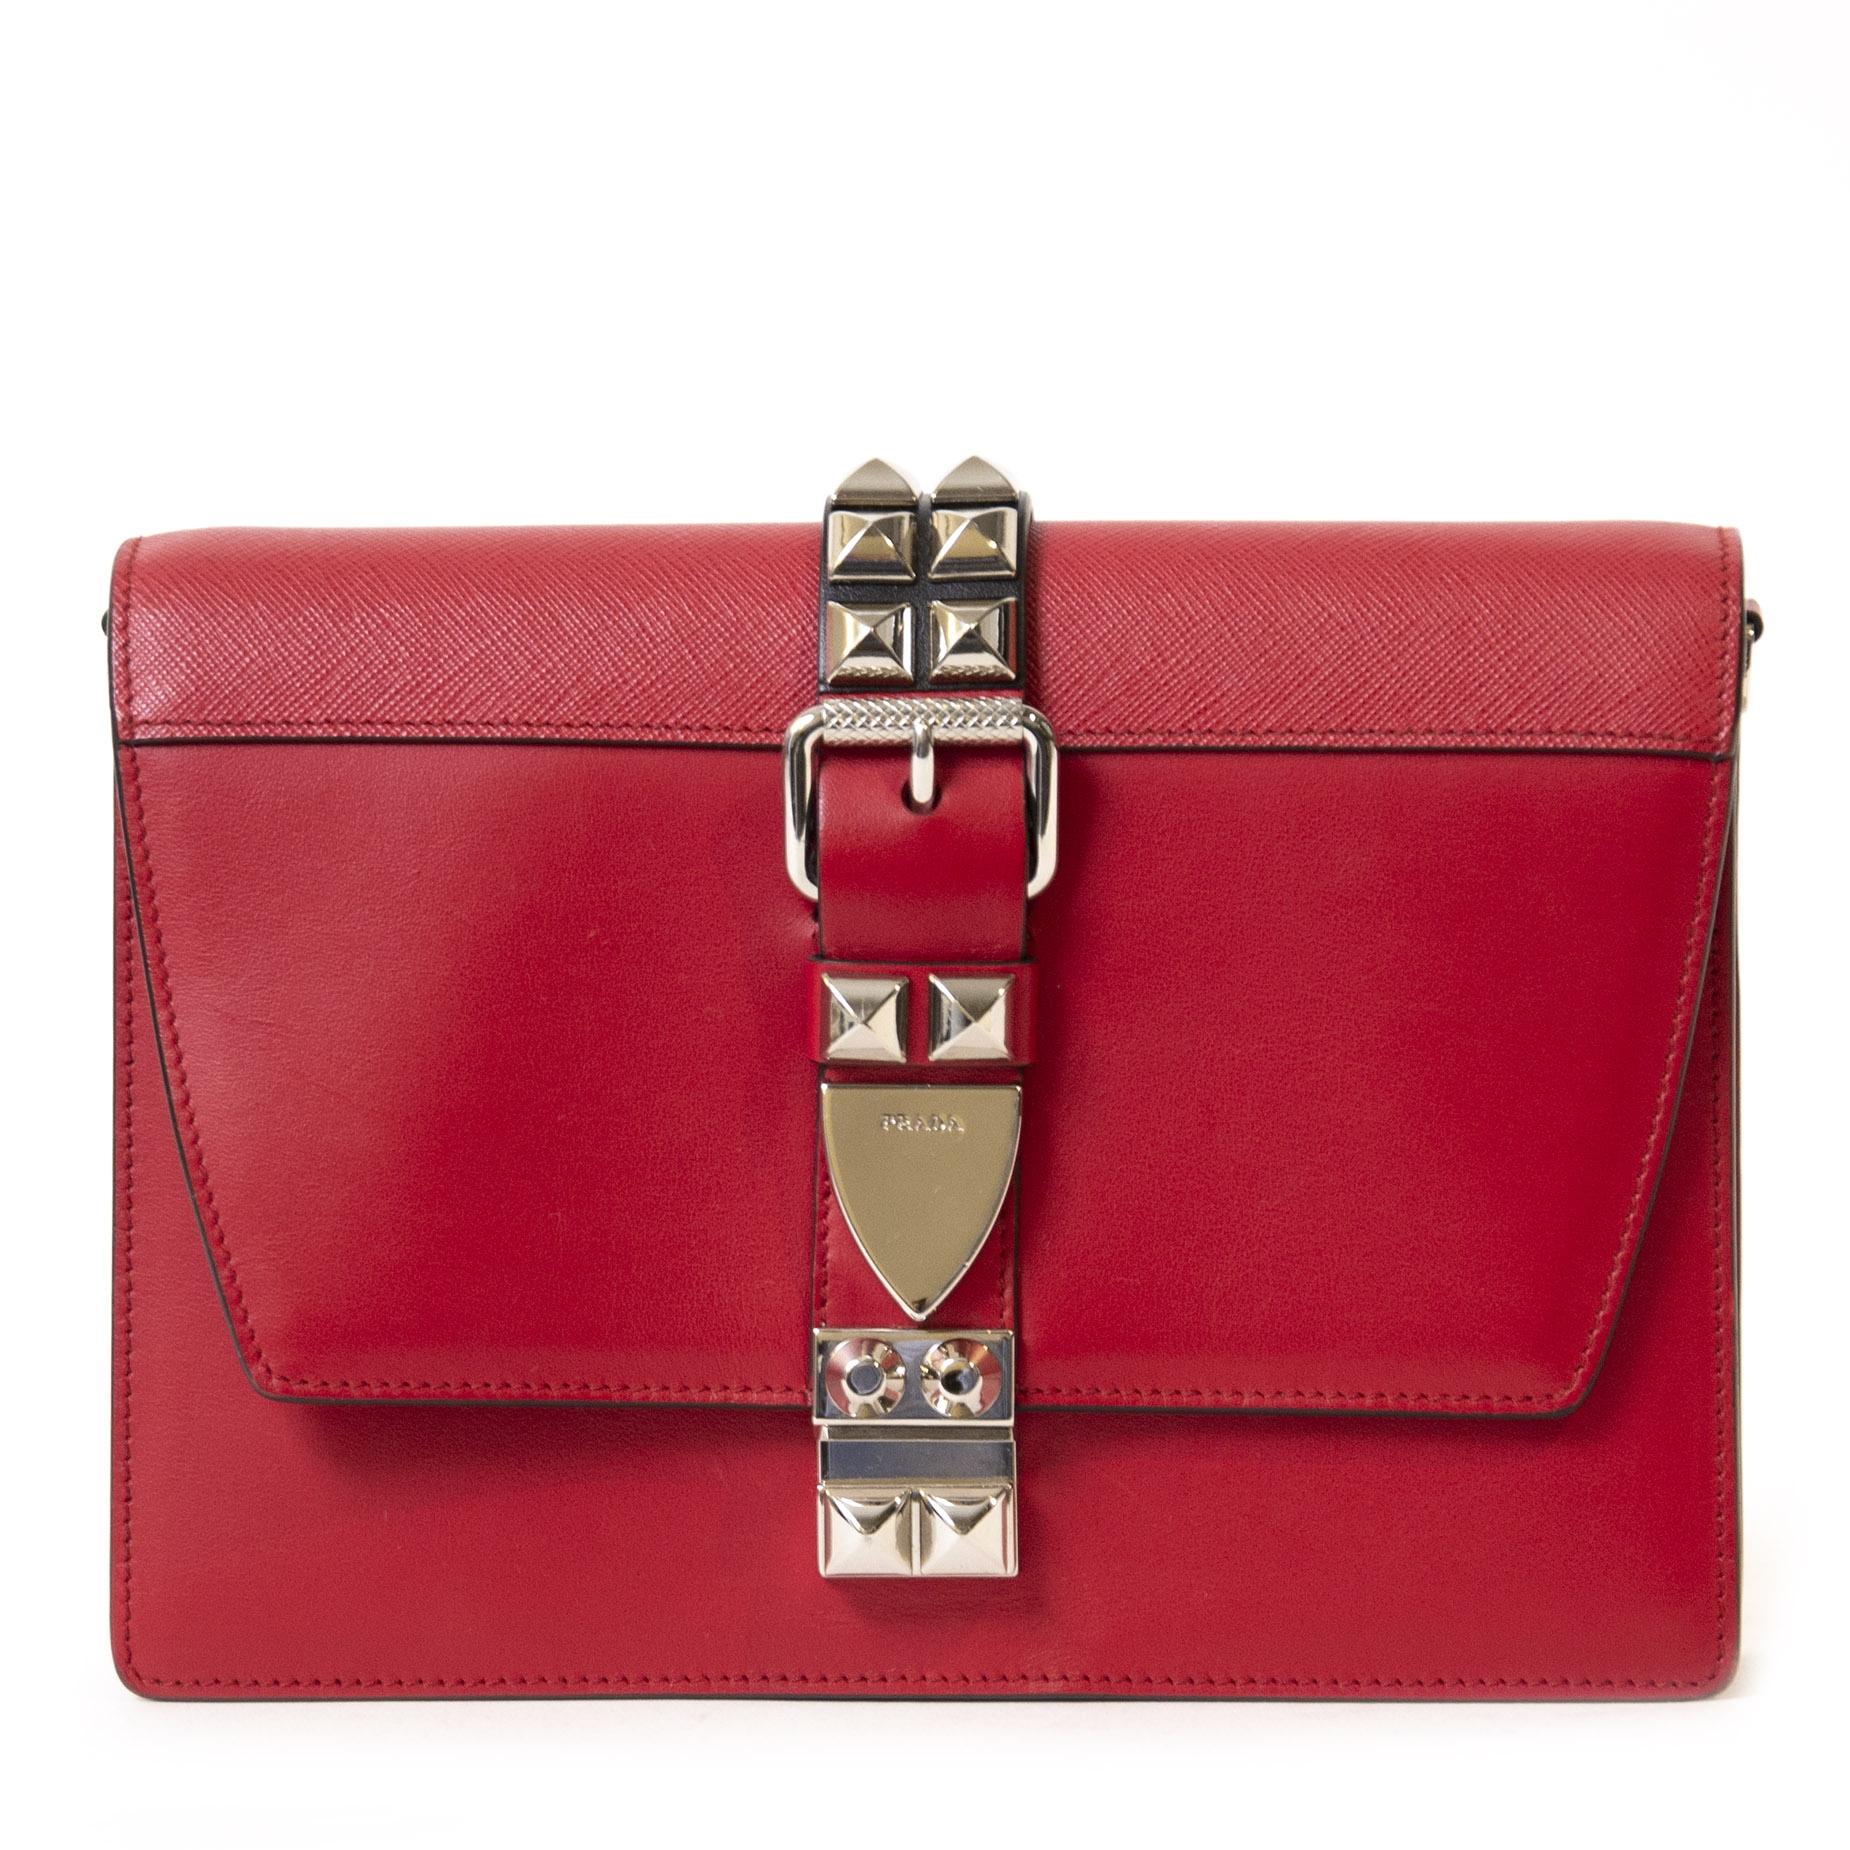 Authentieke Tweedehands Prada Elektra Small Bag juiste prijs veilig online shoppen luxe merken webshop winkelen Antwerpen België mode fashion